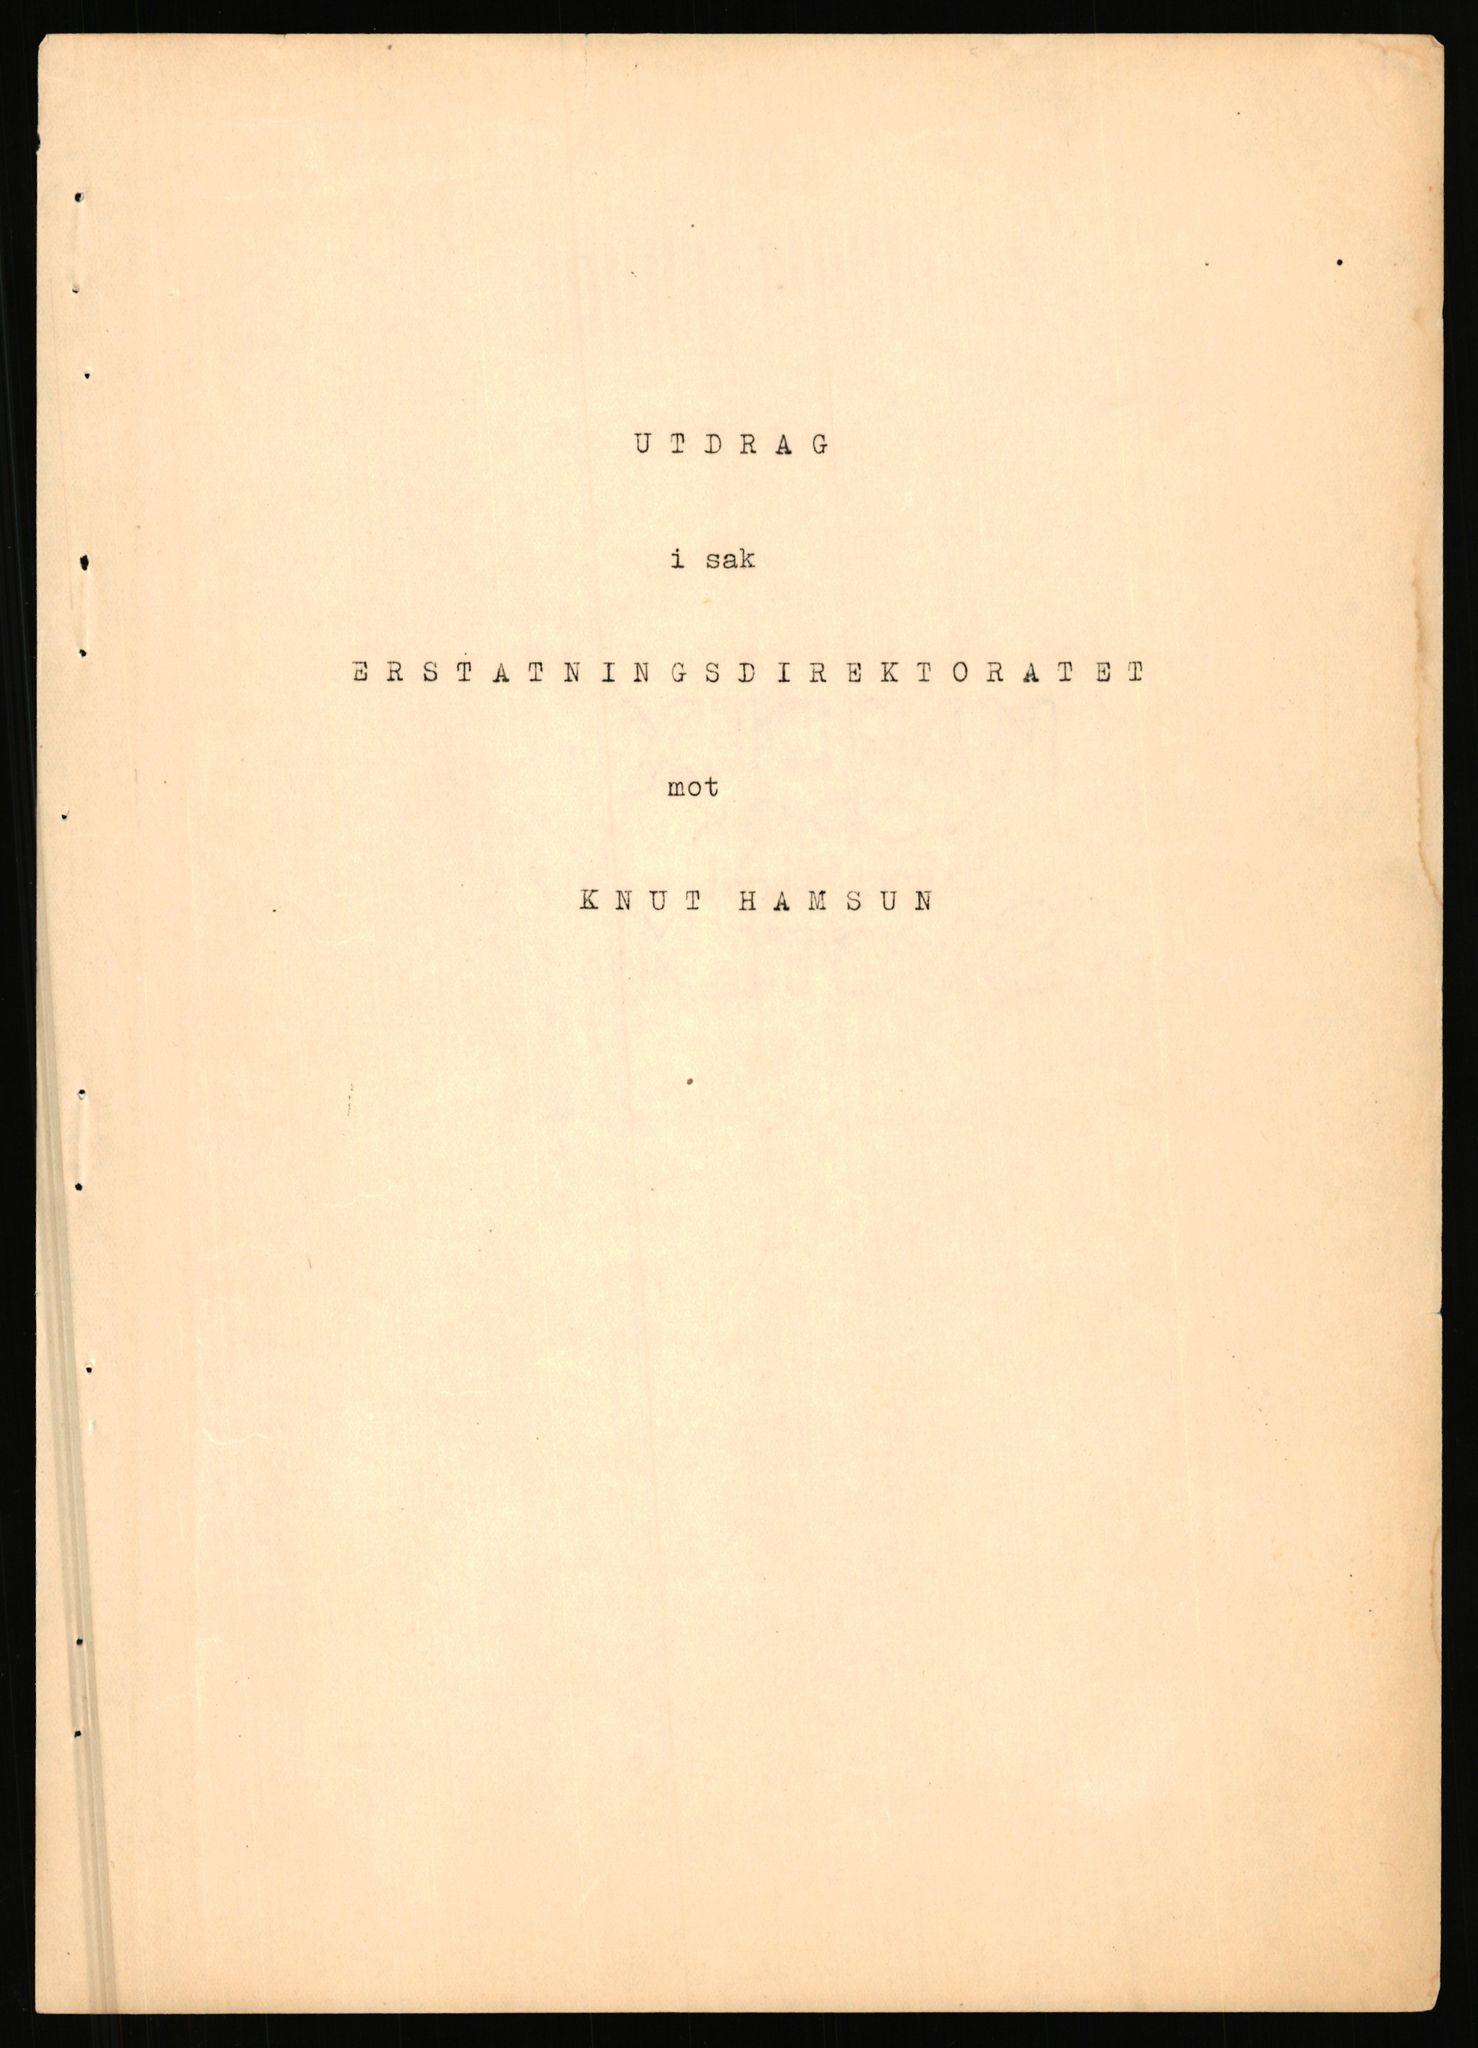 RA, Landssvikarkivet, Arendal politikammer, D/Dc/L0029: Anr. 192/45, 1945-1951, s. 943